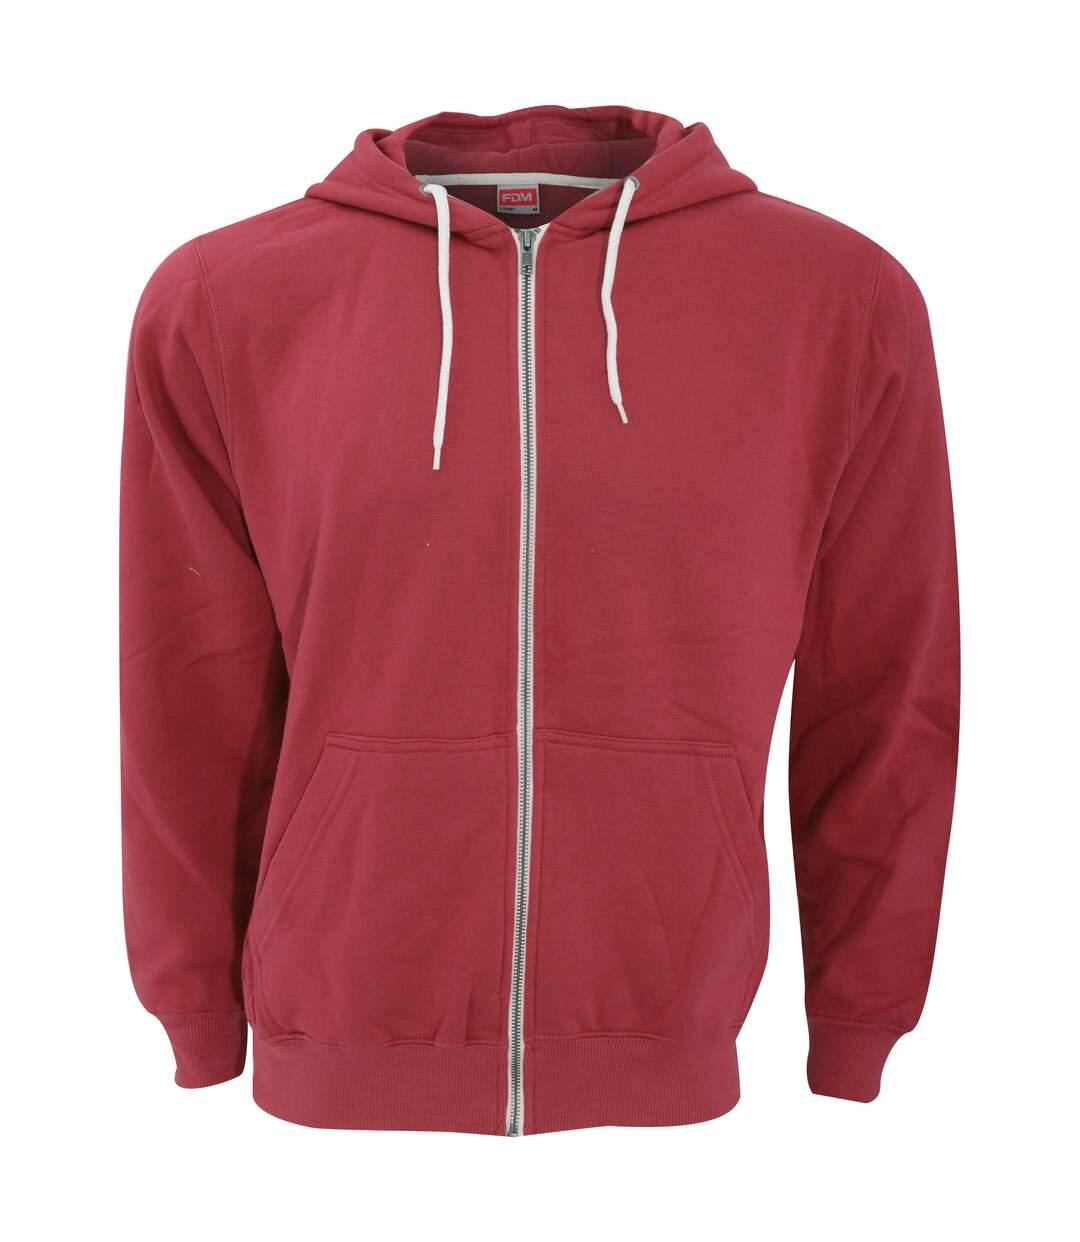 Fdm - Sweatshirt À Capuche Et Fermeture Zippée - Homme (Rouge) - UTBC3184